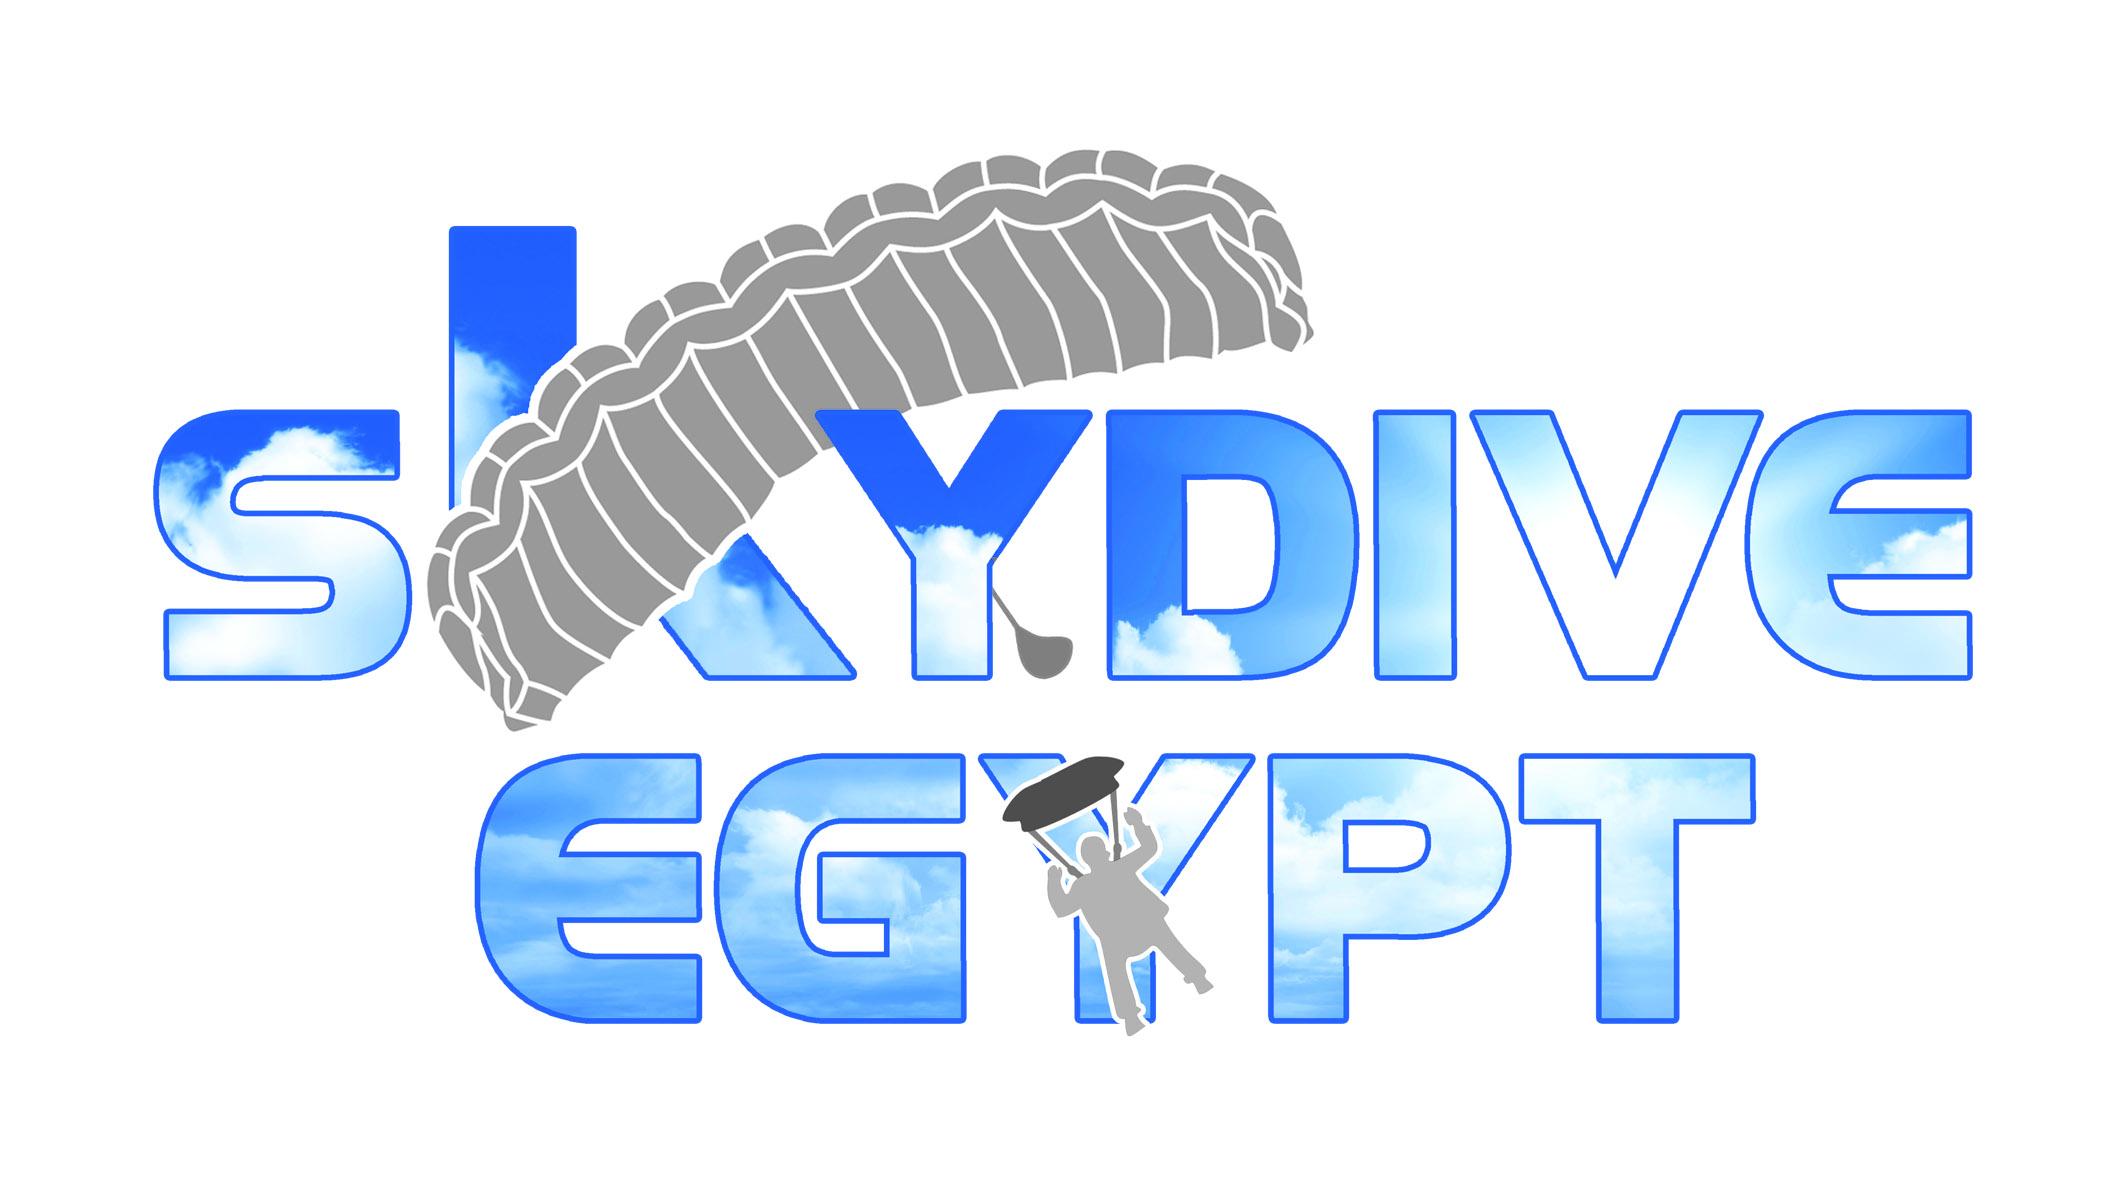 https://secureservercdn.net/198.71.233.44/516.356.myftpupload.com/wp-content/uploads/2019/12/Skydive-Egypt-Logo.jpg?time=1634927288